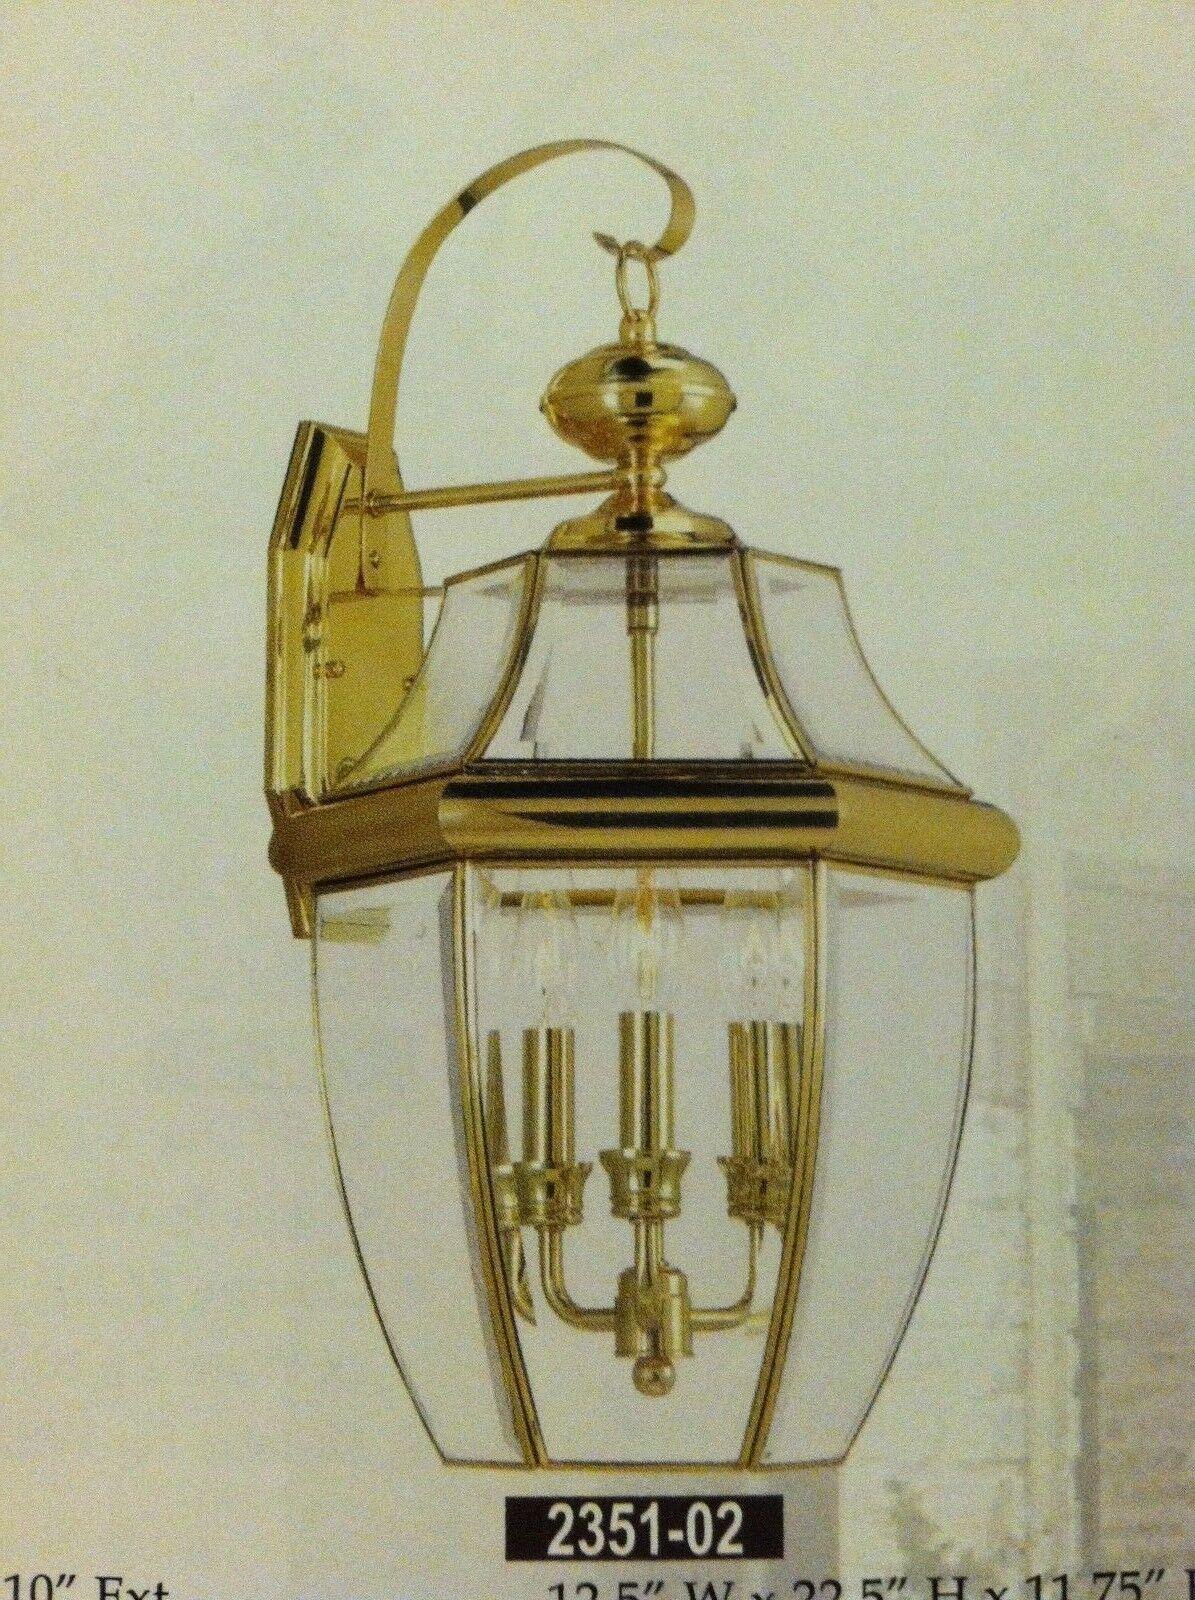 Large Gold Brass Brass Brass Outdoor House Light Porch Deck Lamp Lantern Fixture 3x60 W. e4524e